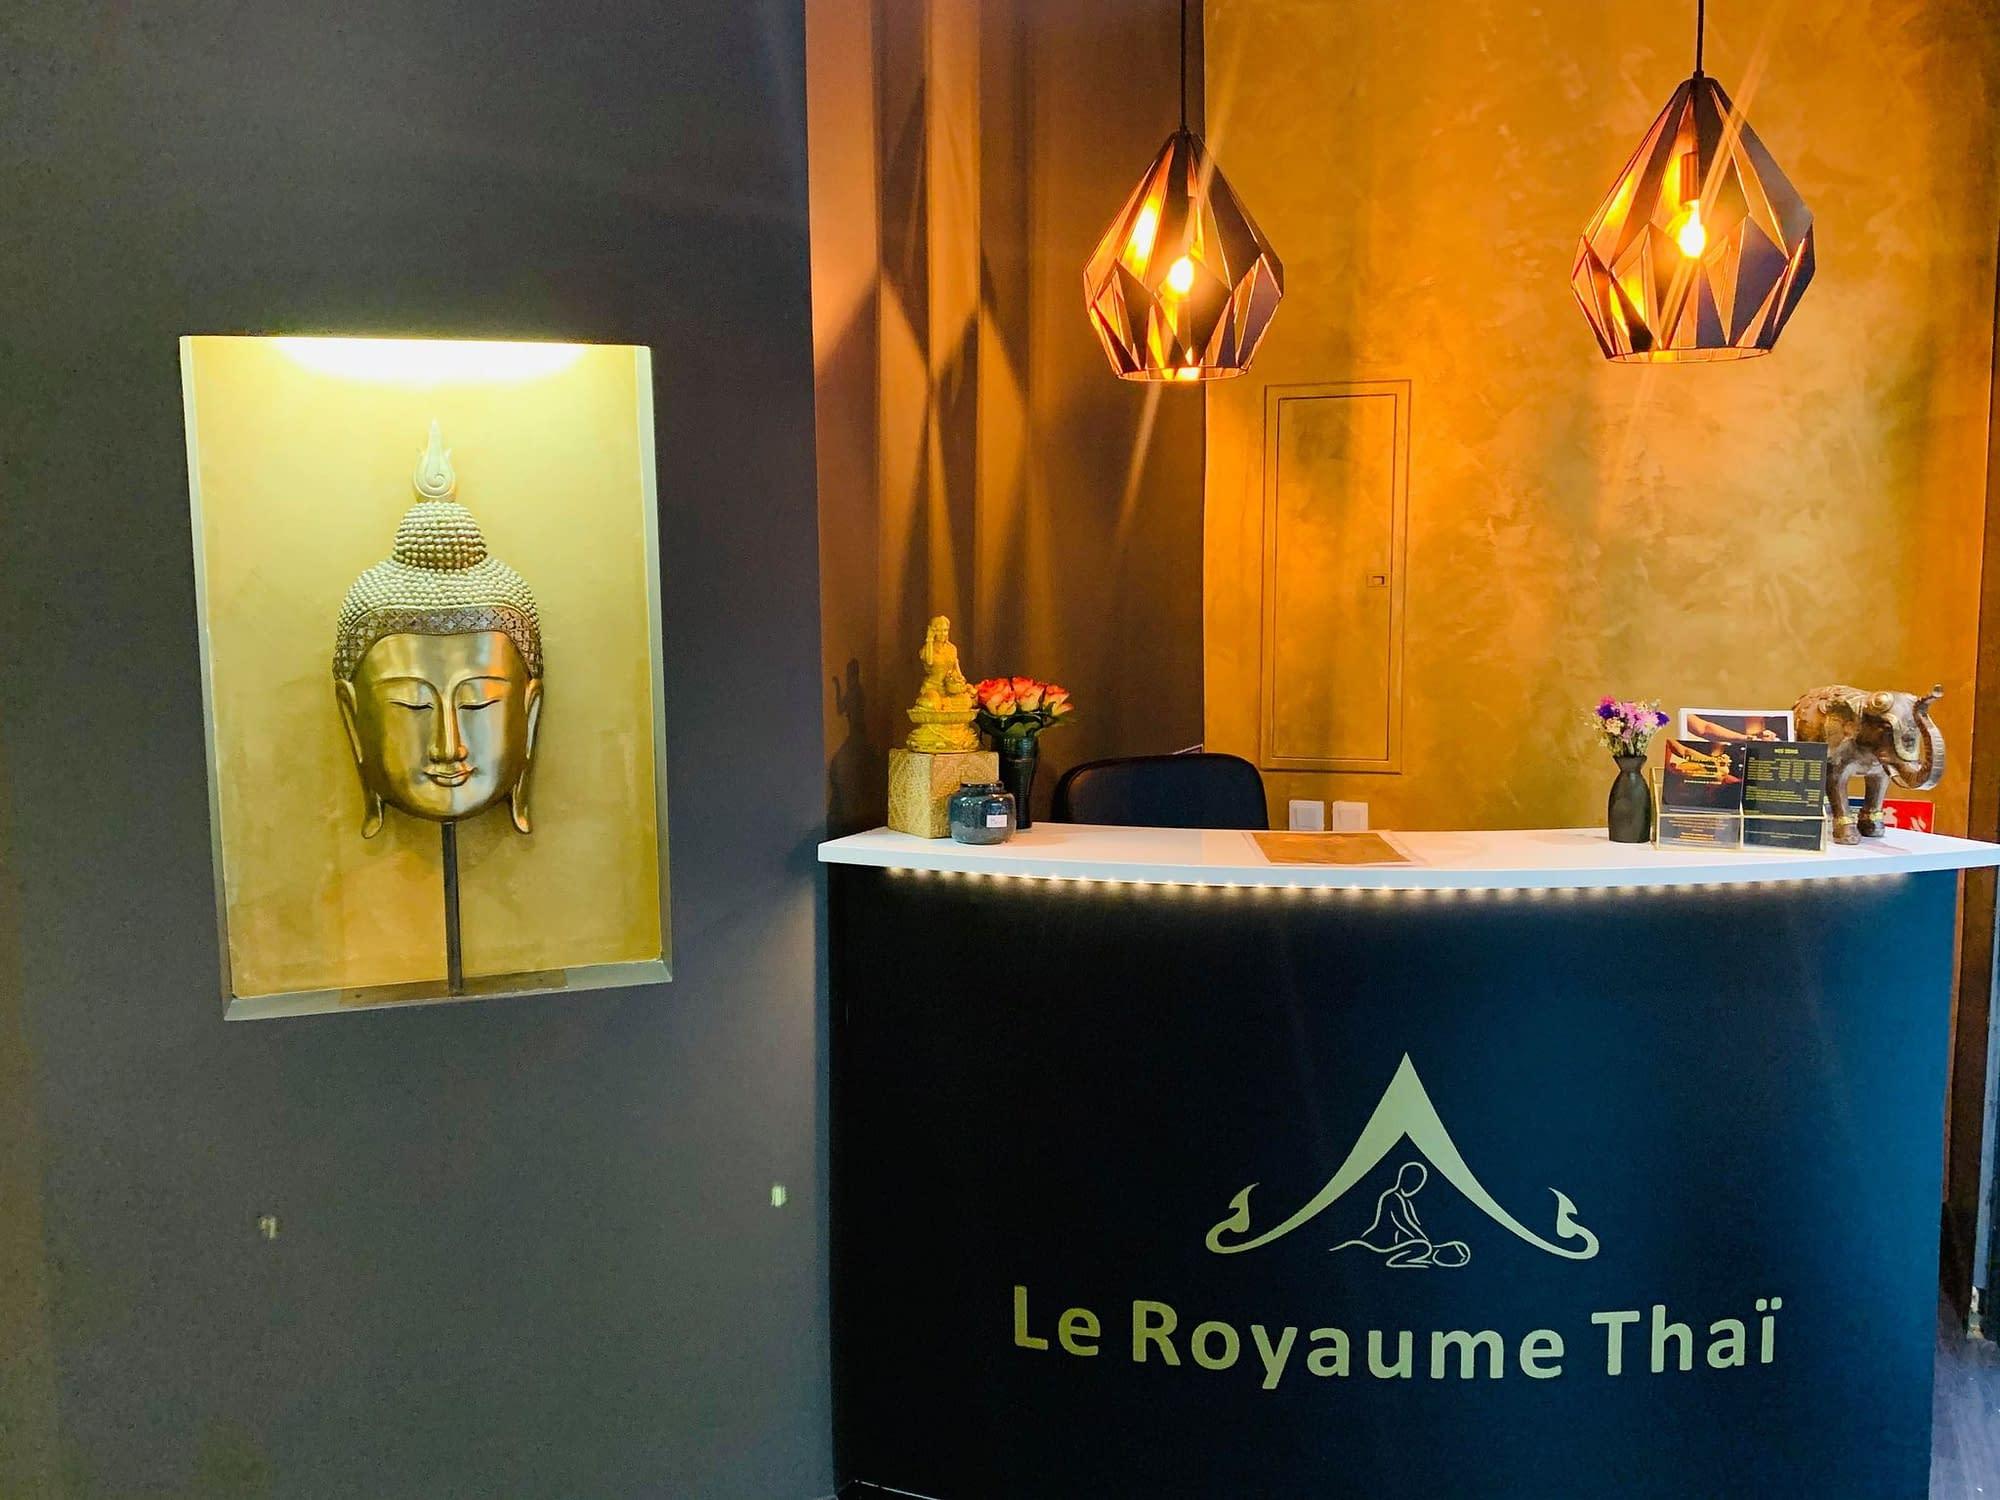 Le Royaume Thai Votre espace massage bien etre a Bordeaux 4